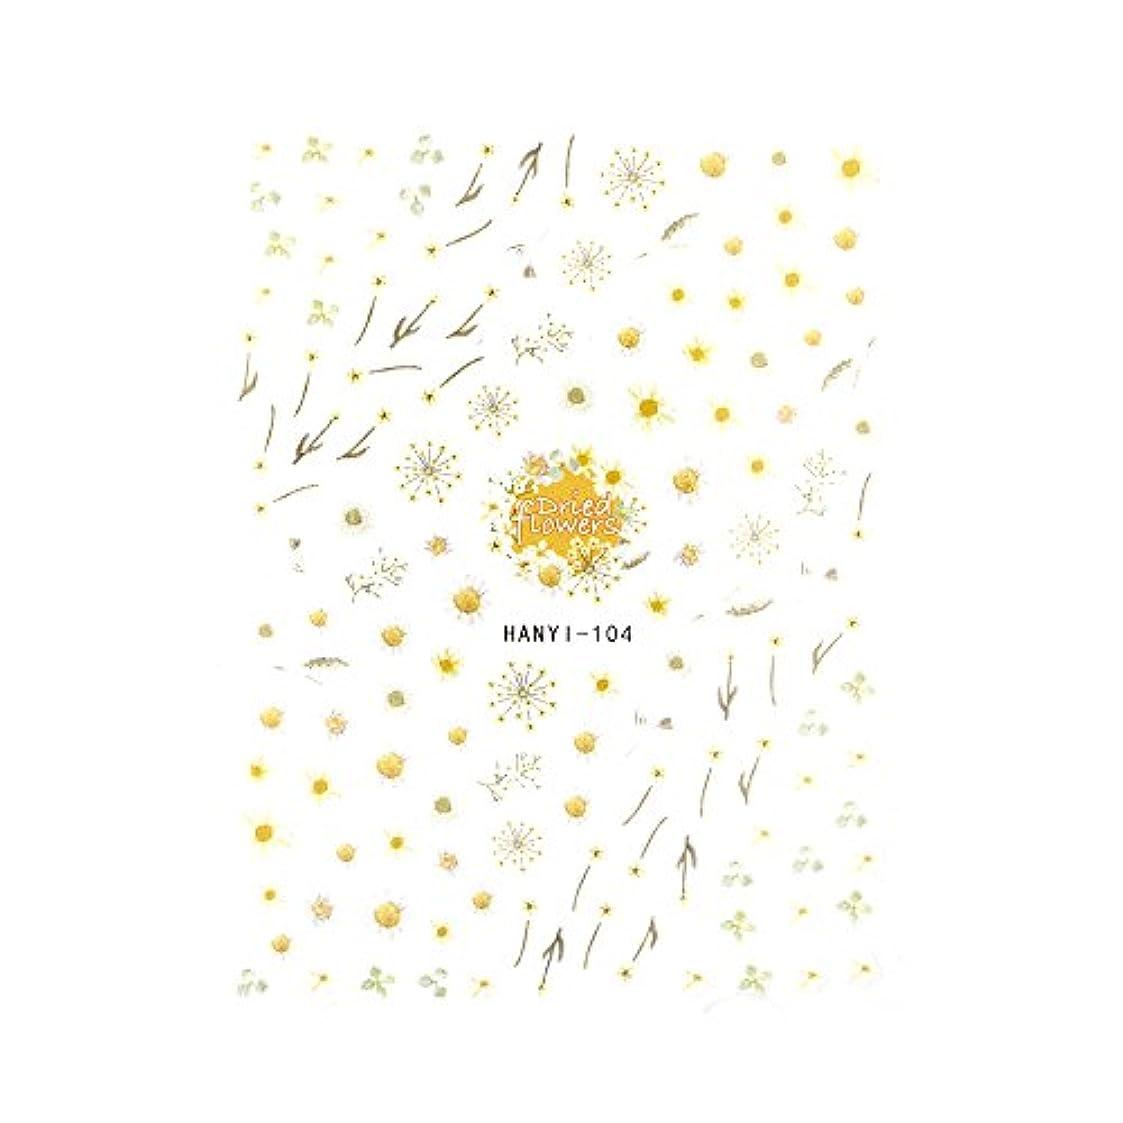 山積みの平和葉【HANYI-104】アイボリードライフラワーシール ドライフラワーネイル 花柄ネイル フルール 春ネイル ニュアンスネイル 押し花